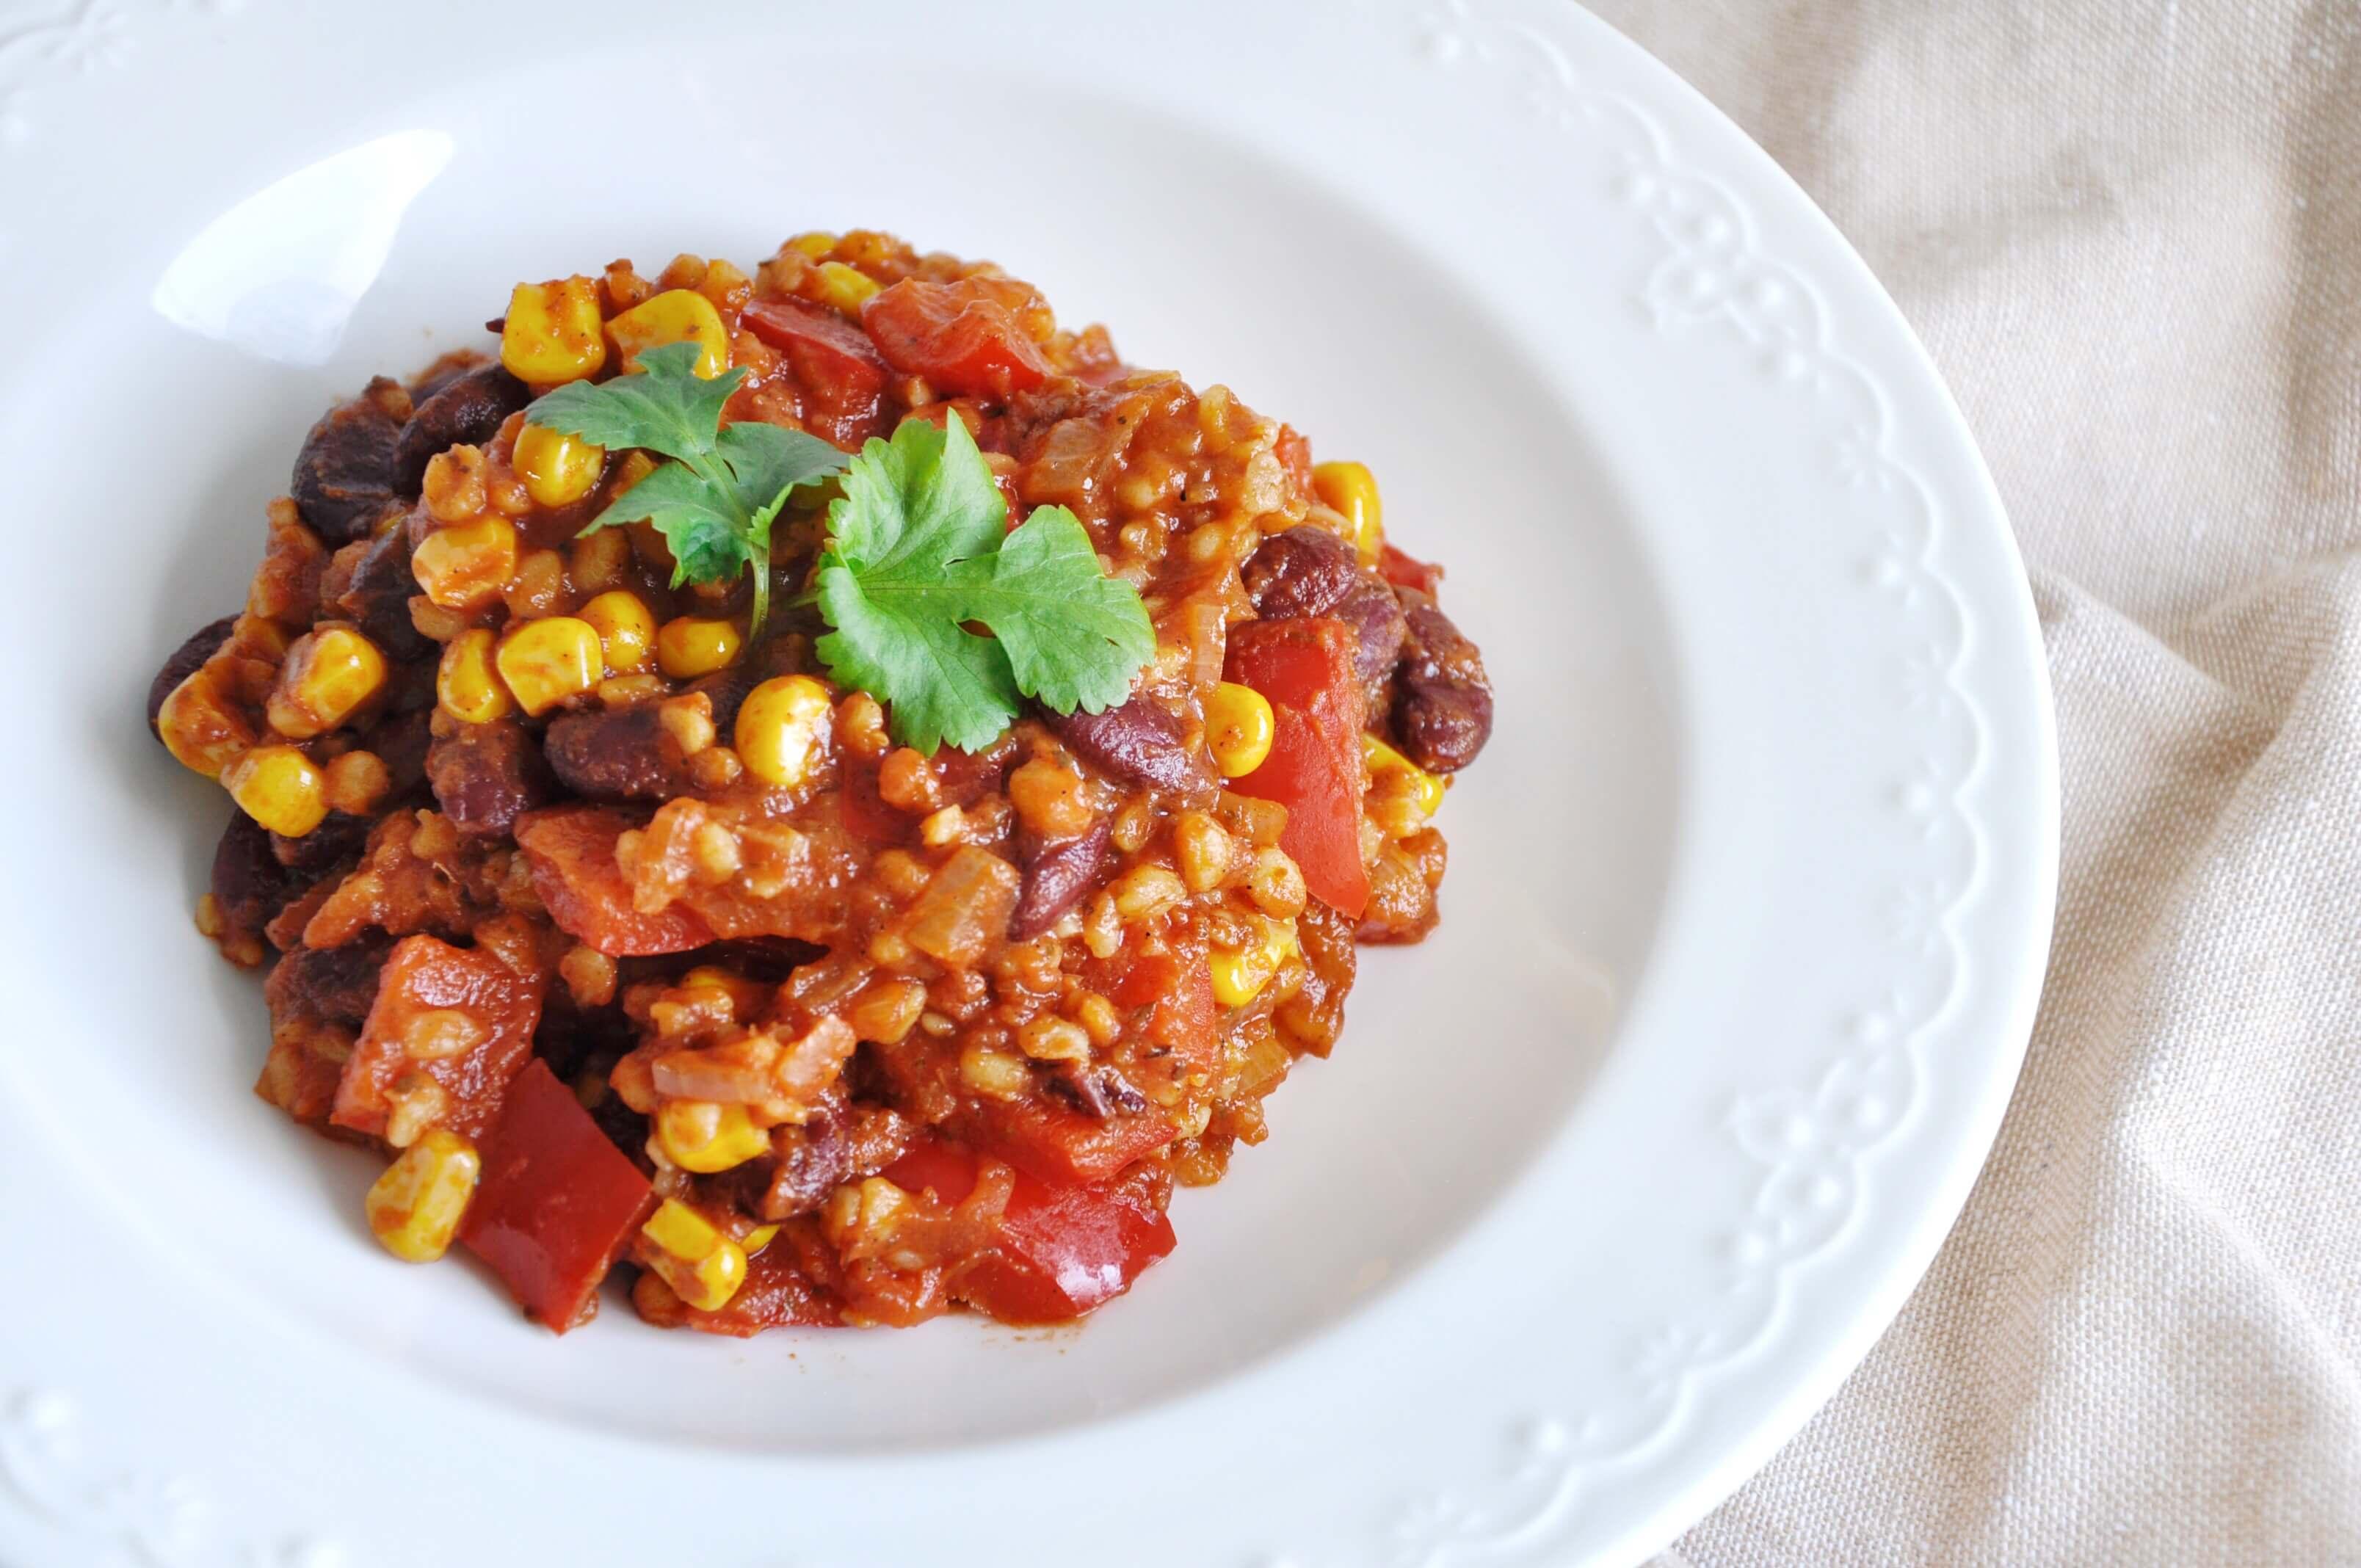 Pomysł na szybki fit obiad - wegetariańskie kaszotto po meksykańsku